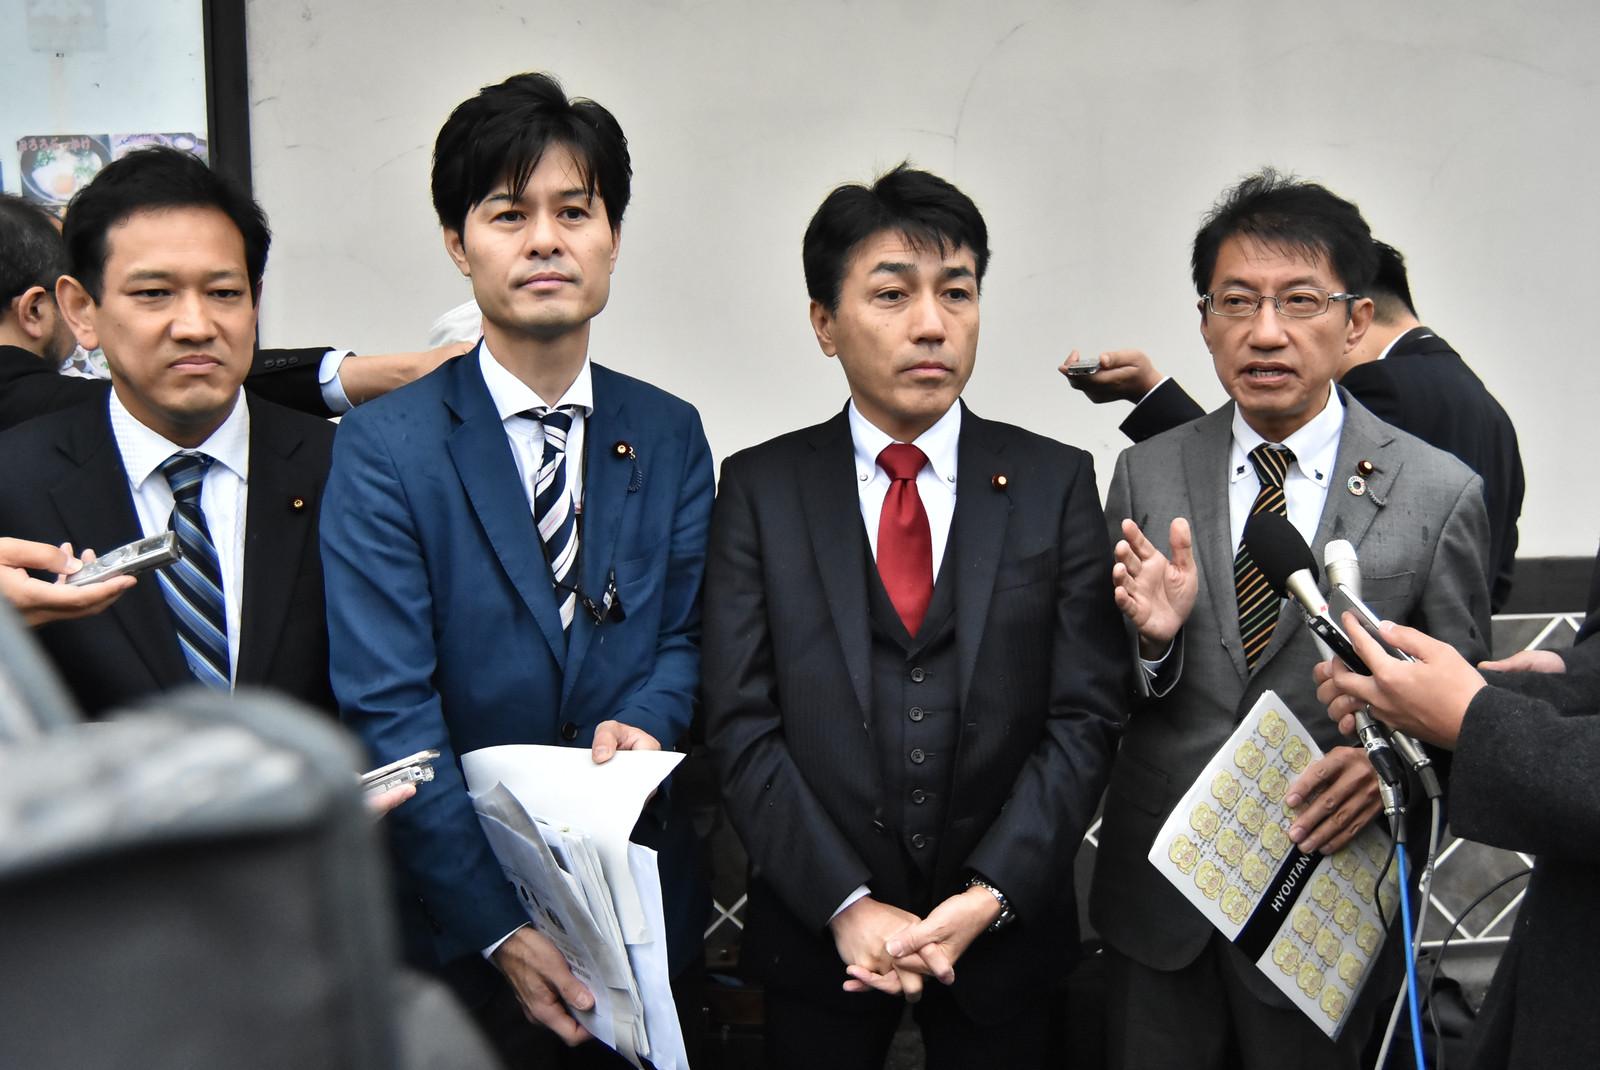 メディアの質問に答える「総理主催『桜を見る会』追及本部」の野党国会議員ら=2日、山口県下関市